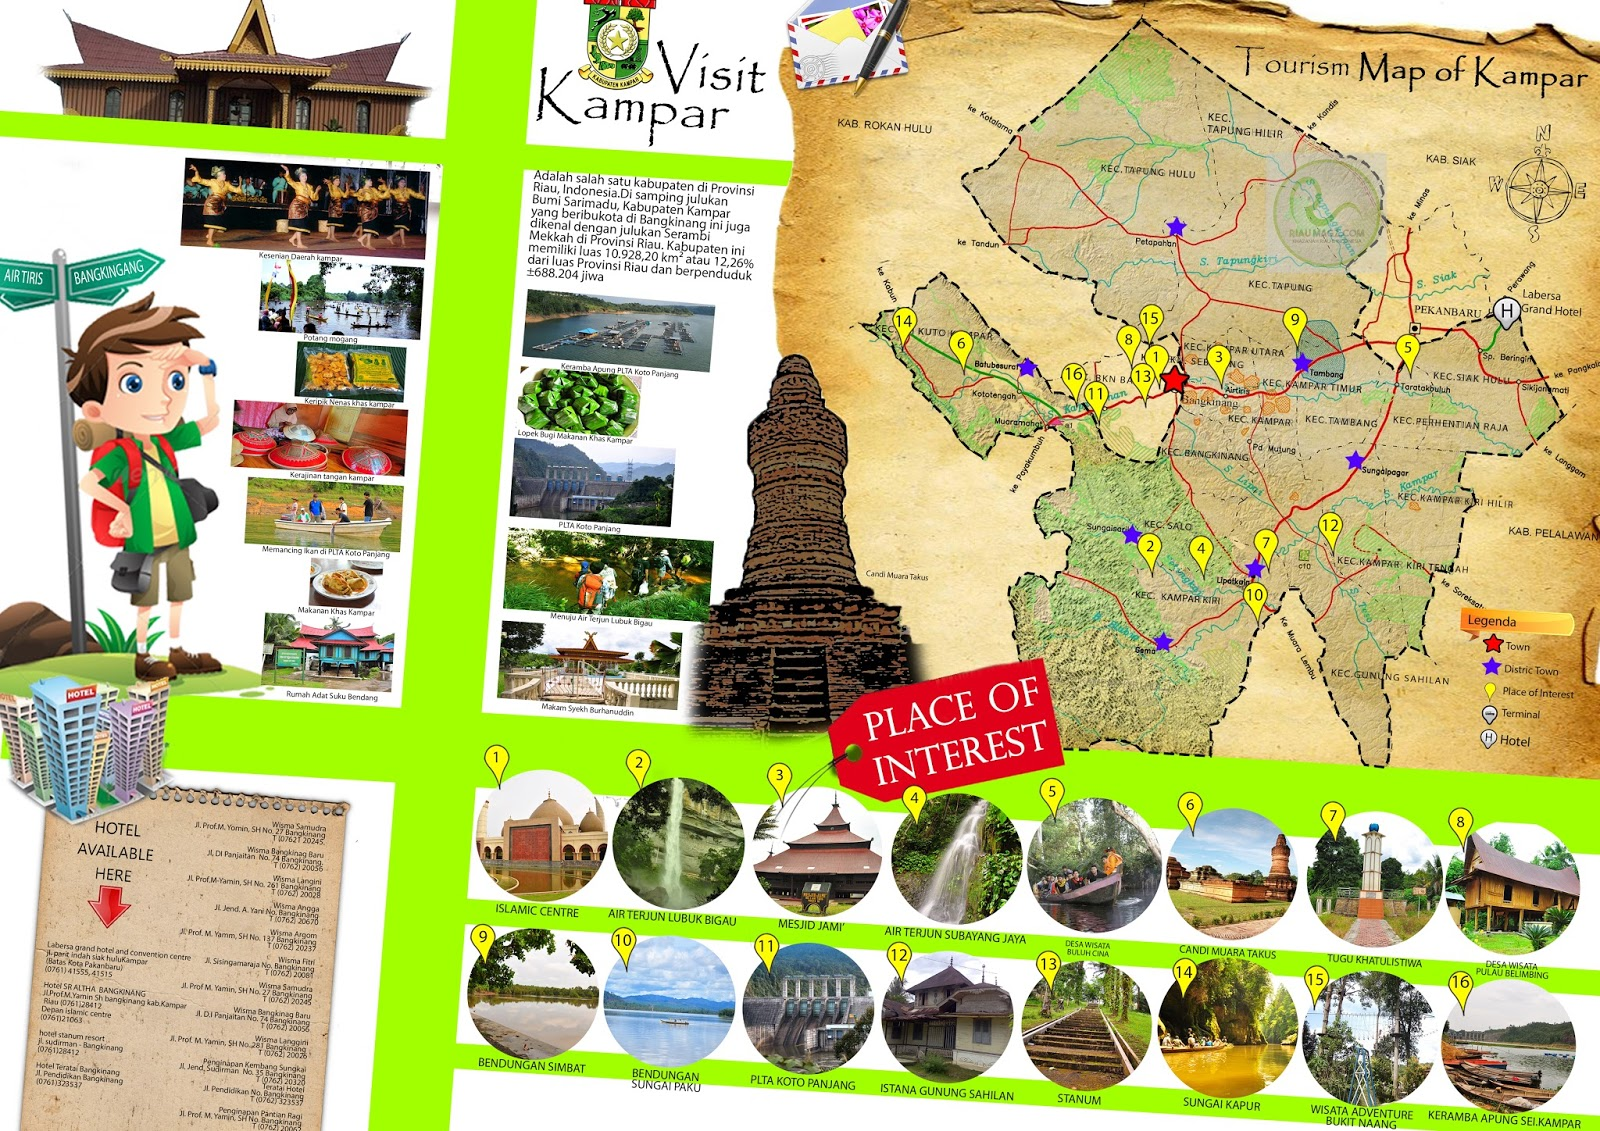 Peta Wisata Kabupaten Kampar - Tourism Map of Kampar ...